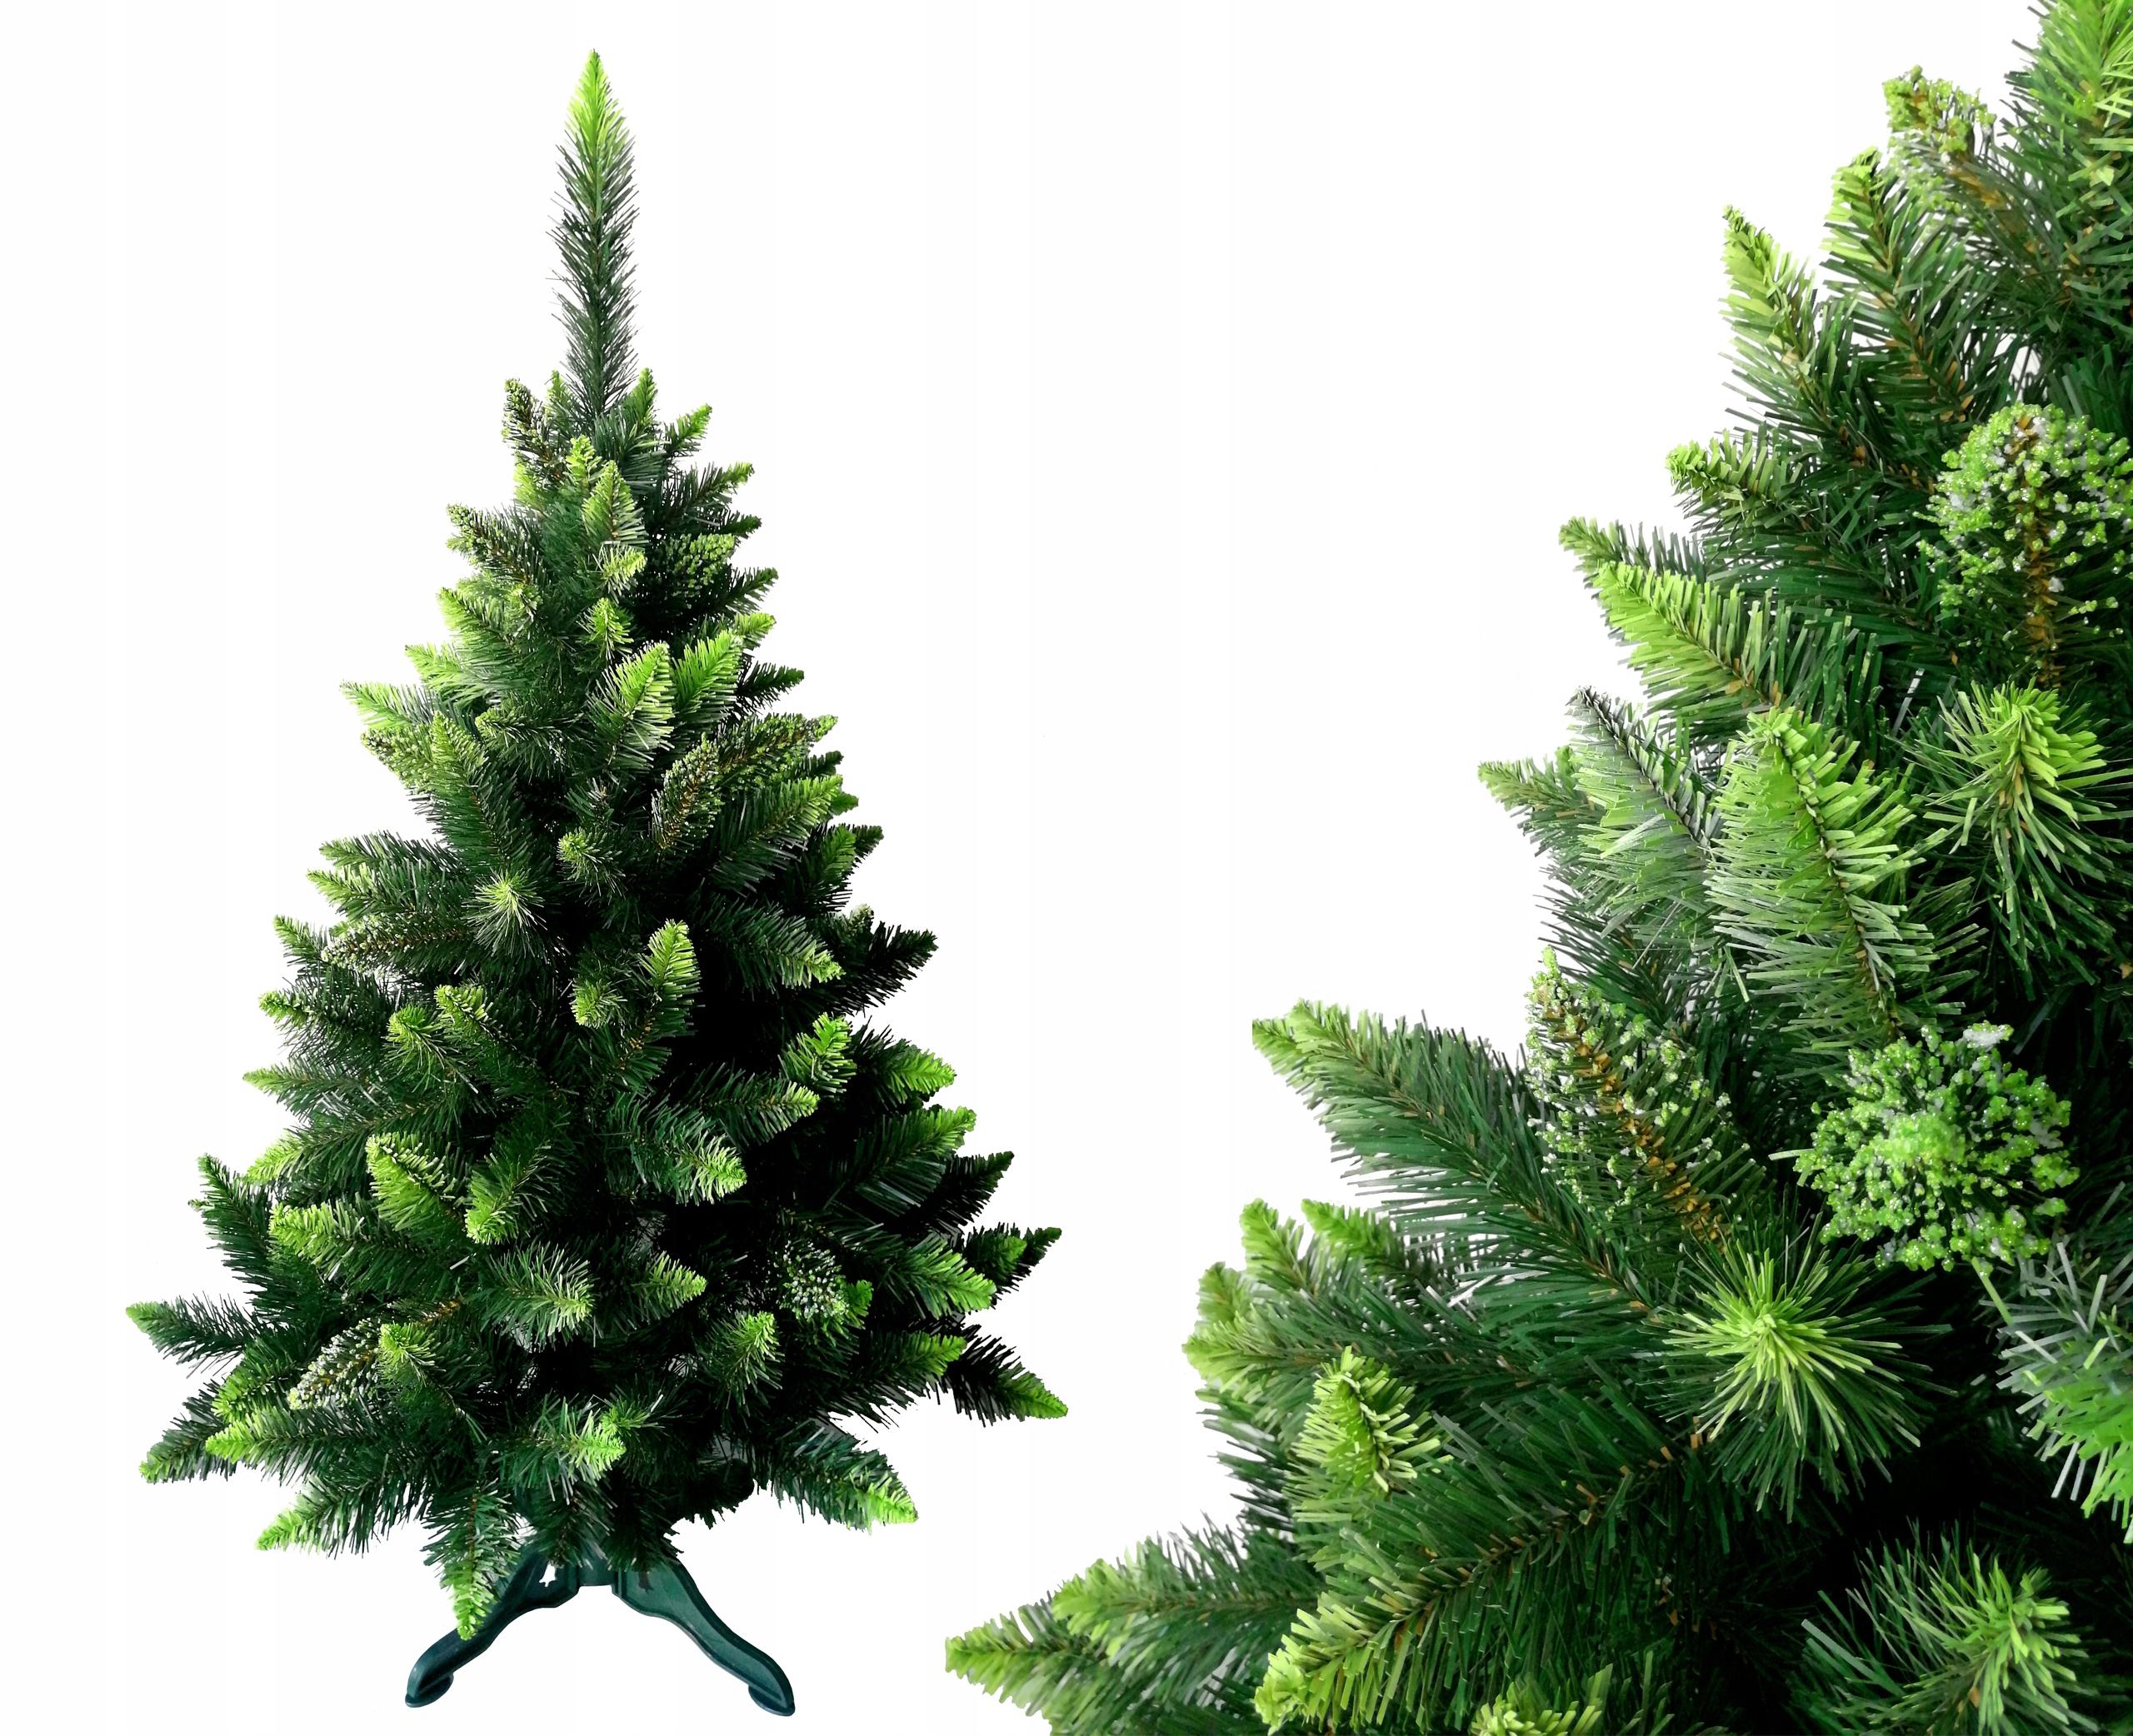 Vianočný stromček GREEN PINE 100CM na stojane